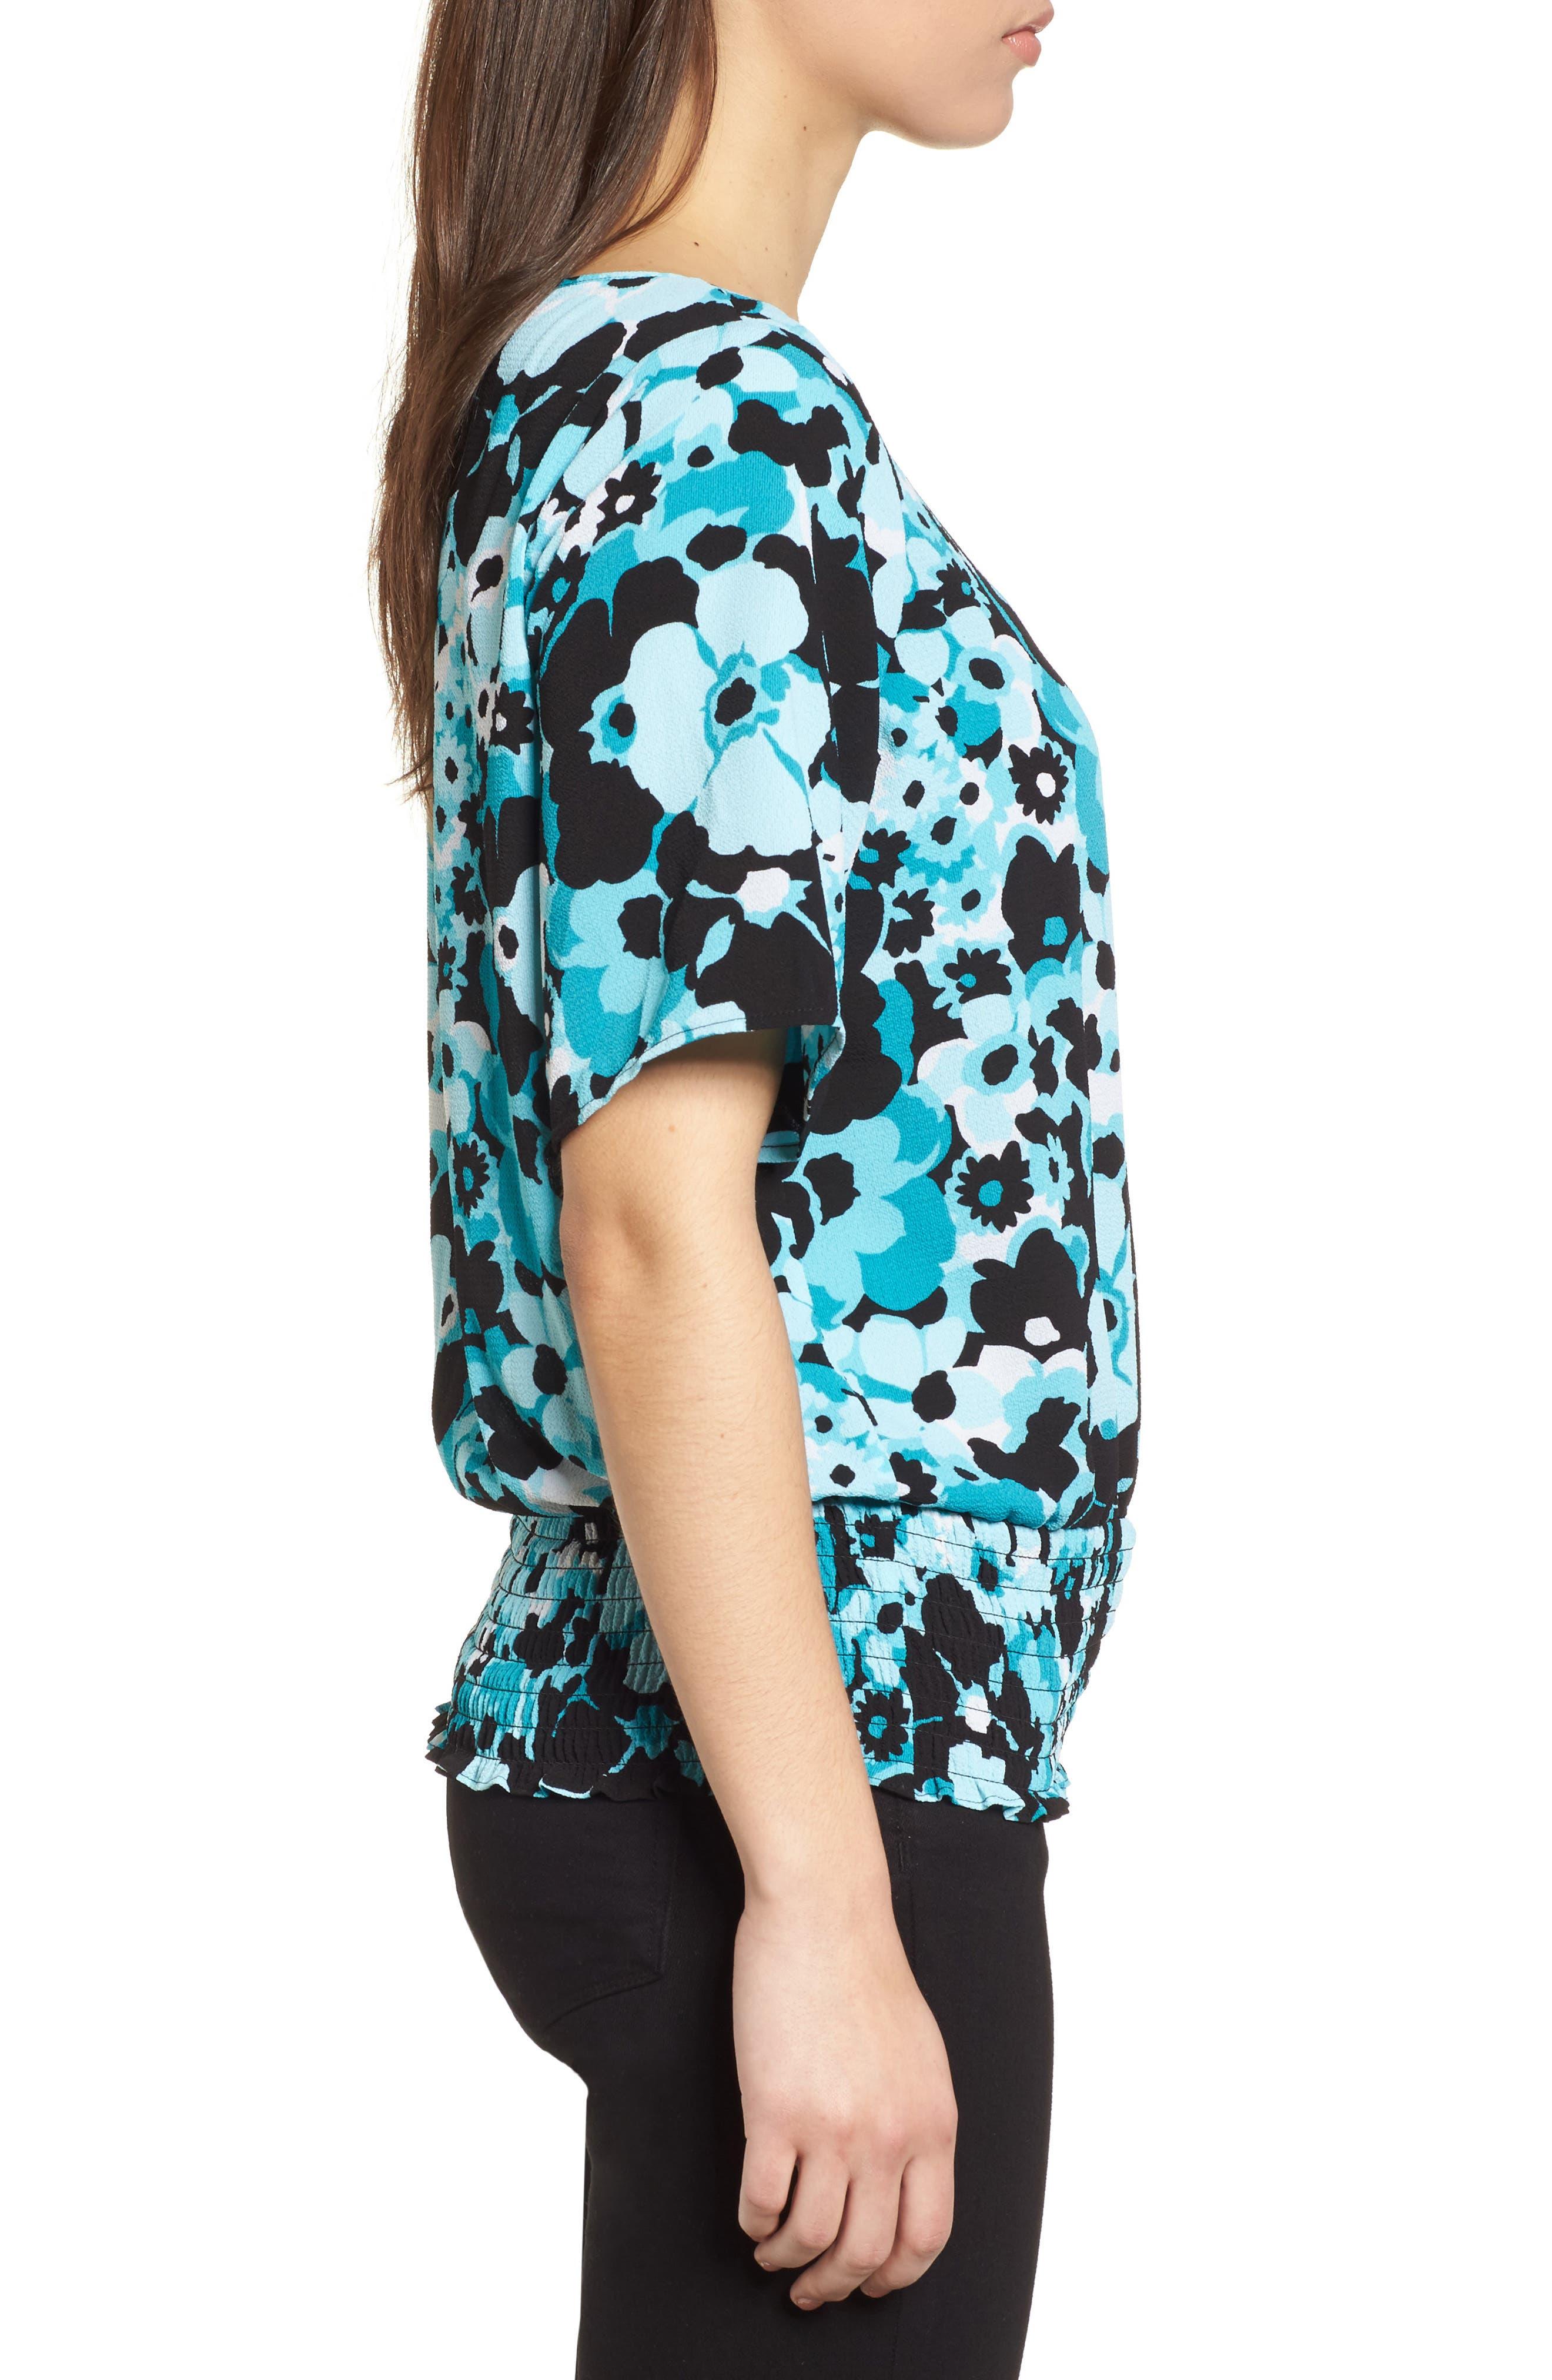 Springtime Floral Kimono Top,                             Alternate thumbnail 3, color,                             Tile Blue/ Black Multi